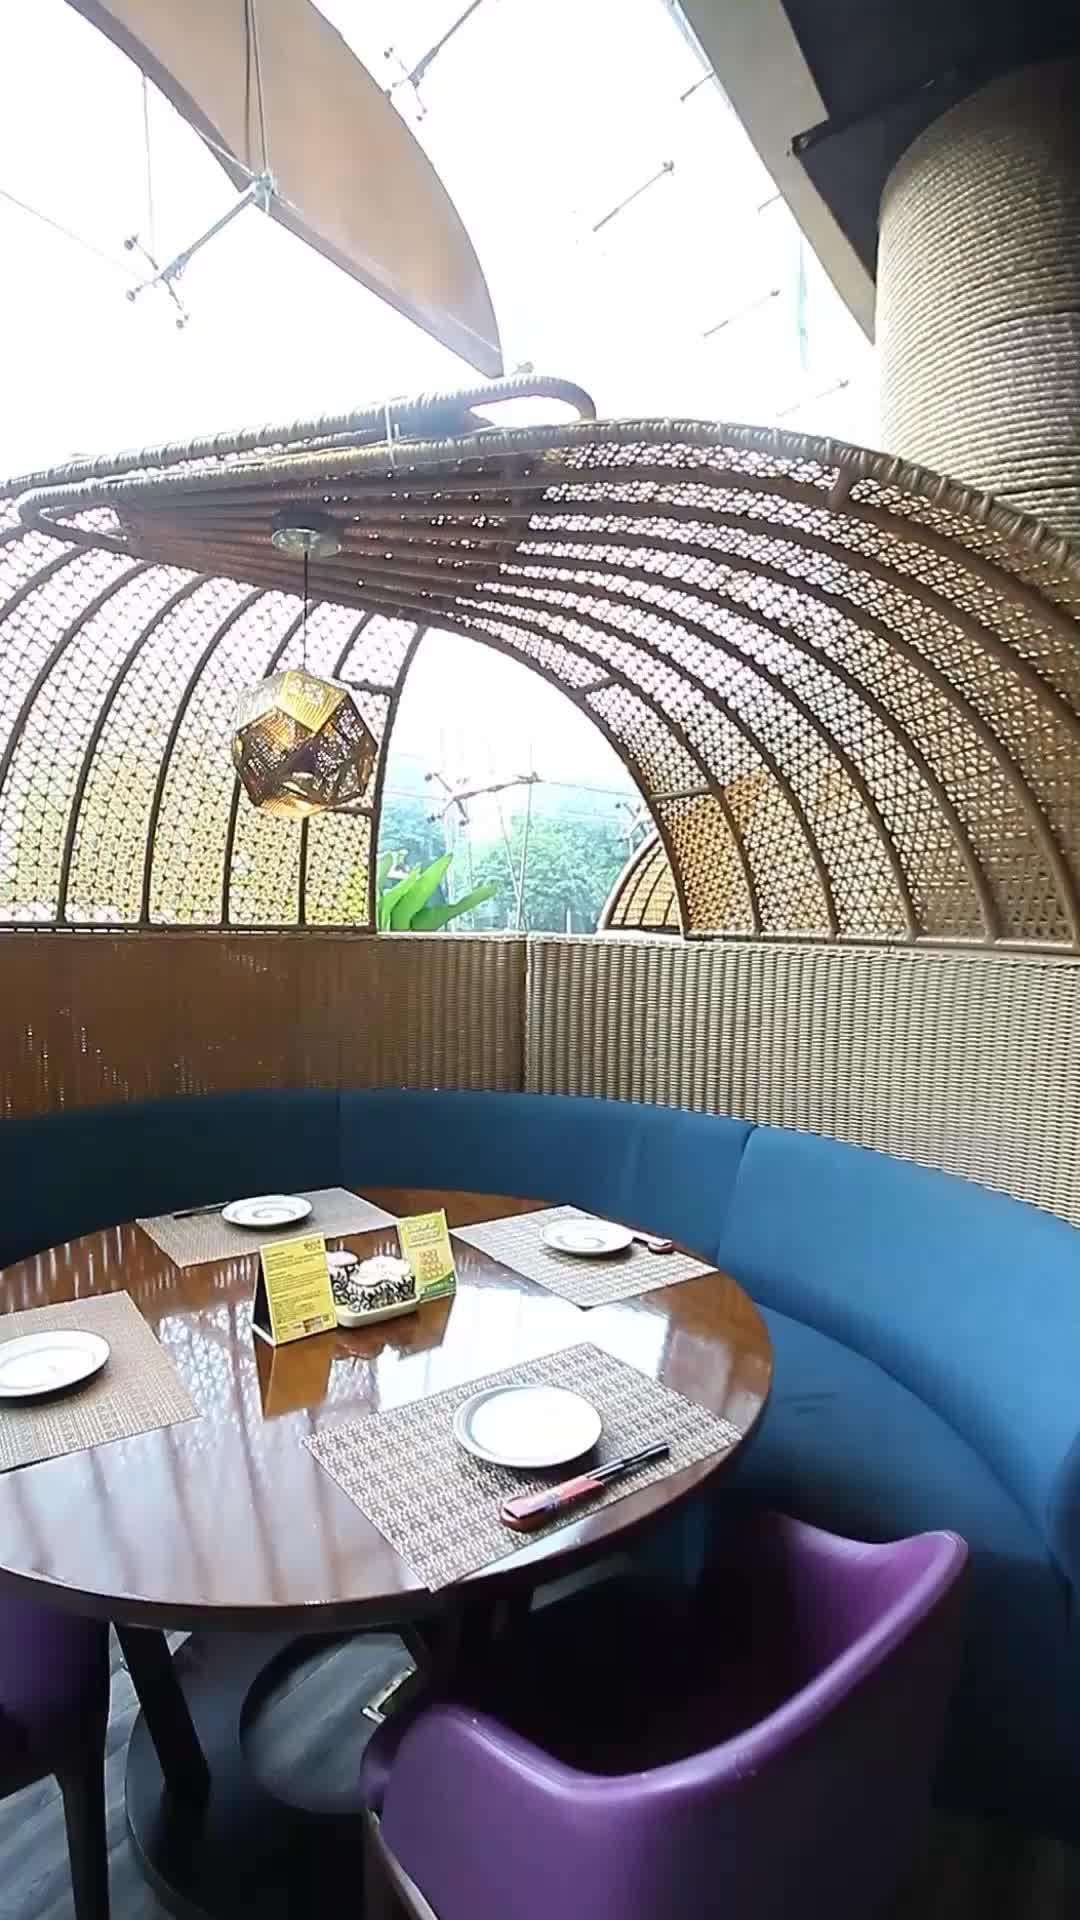 靠窗雅座,用餐与看风景兼顾~